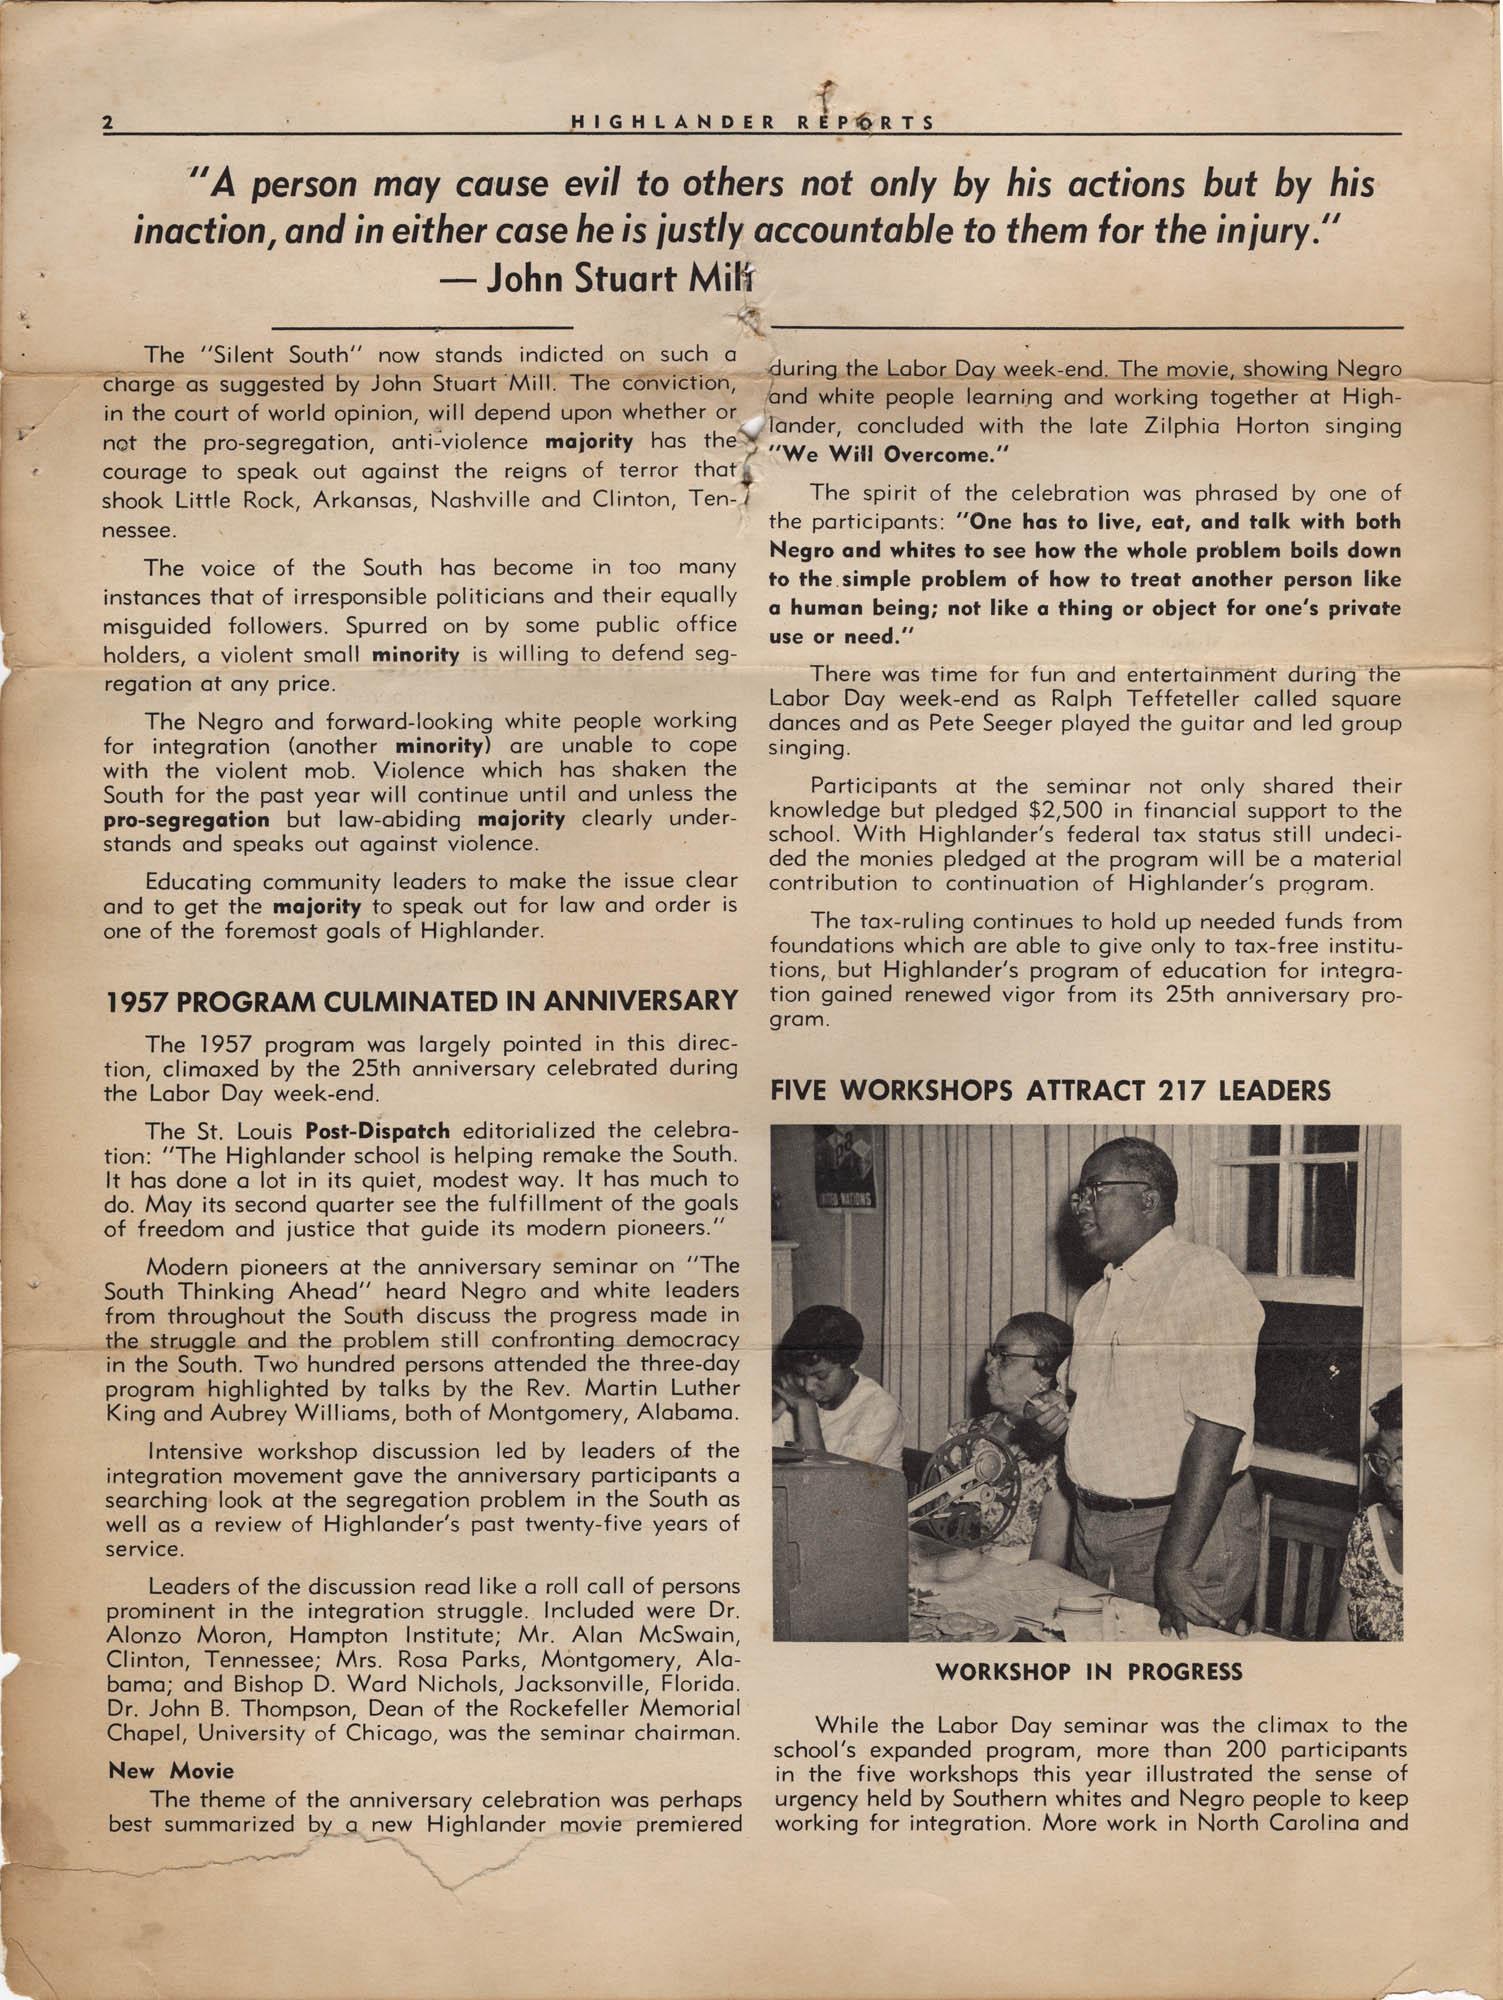 Septima P. Clark Scrapbook, Page 16